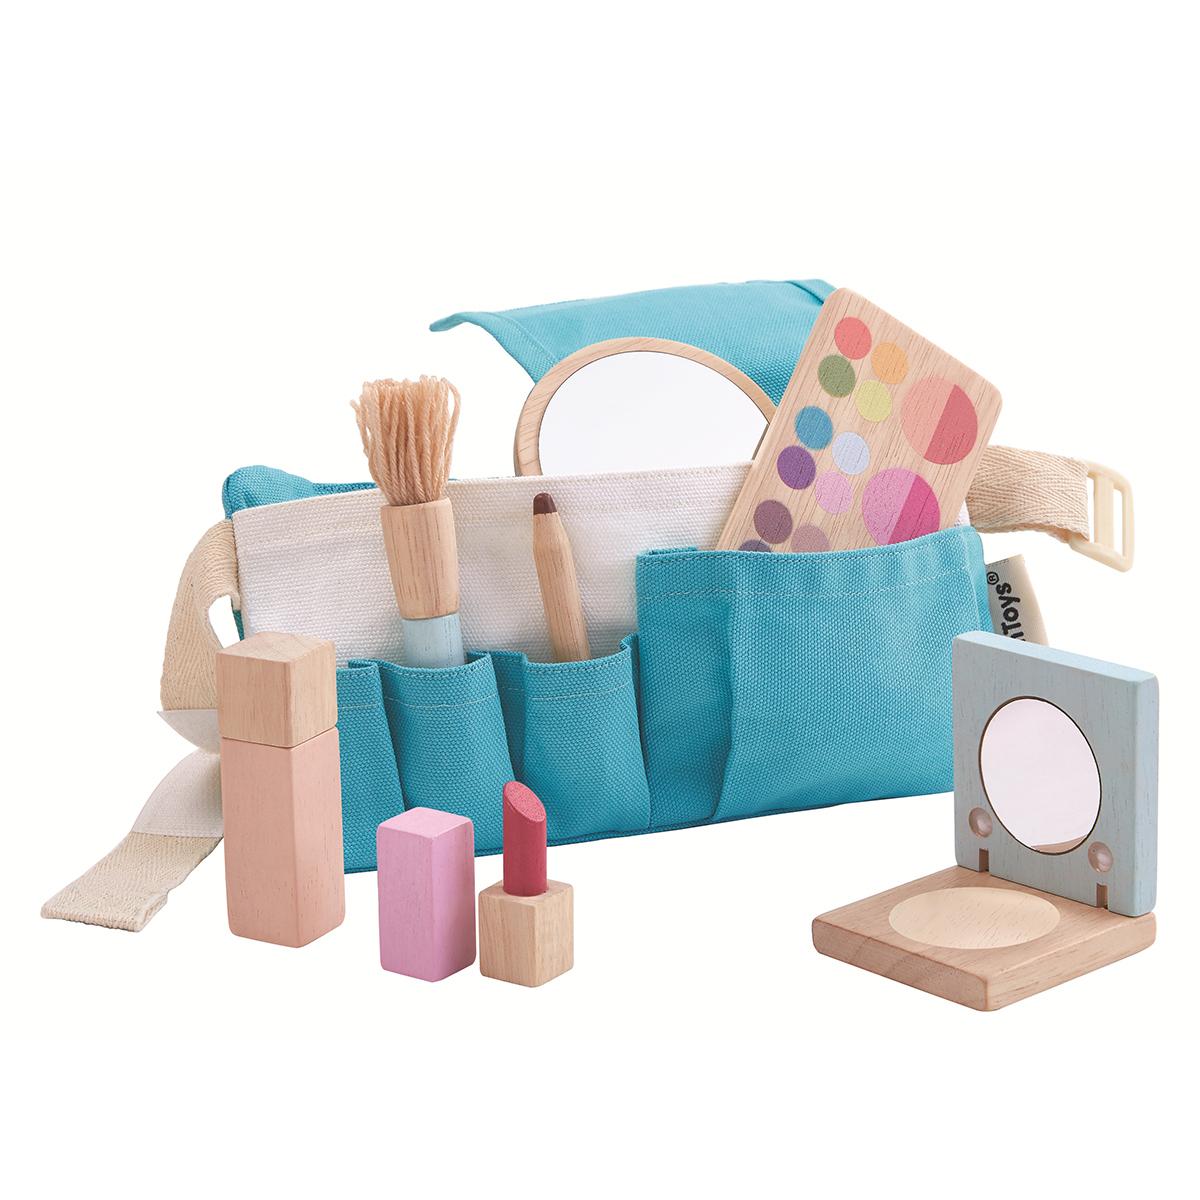 Mes premiers jouets Trousse de Maquillage Trousse de Maquillage